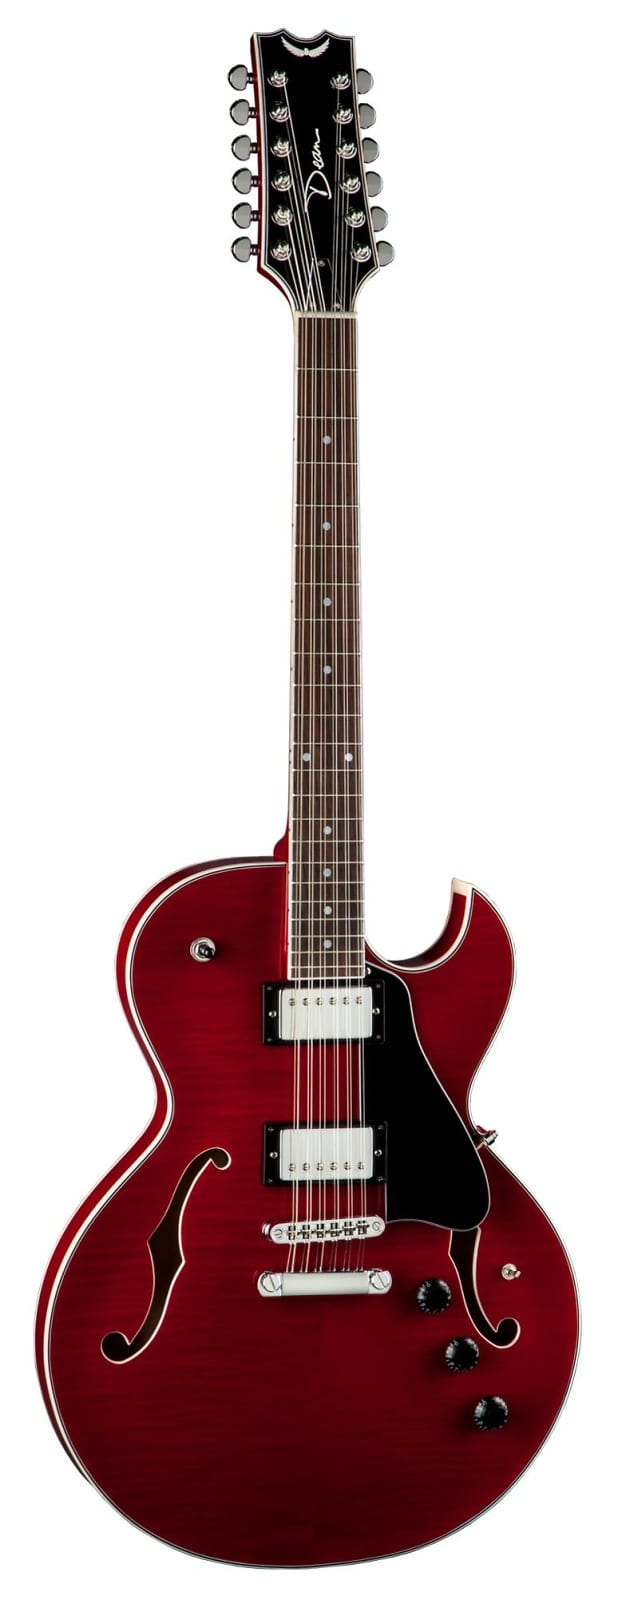 dean guitars colt fm12 sc colt flame top 12 string reverb. Black Bedroom Furniture Sets. Home Design Ideas